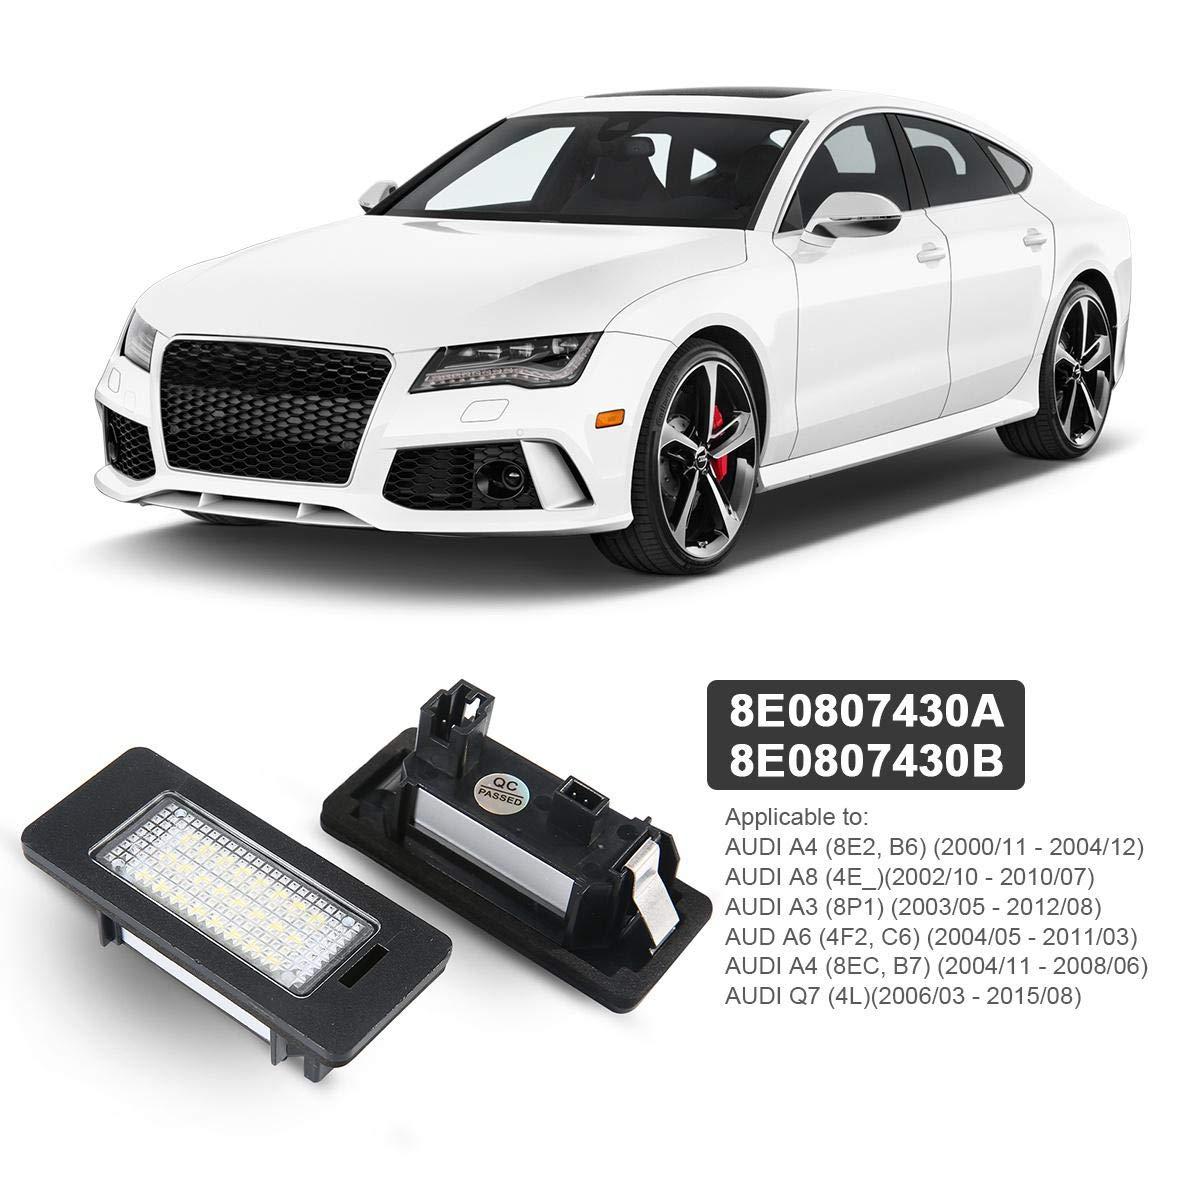 b8 b8 DokFin 2pcs LED Feux De Plaque Dimmatriculation Berline 4 Portes // 5 Portes Avant S4 Lampe De Plaque Dimmatriculation pour Audi A4 A5 // S5 Q5 TT//T \ T RS